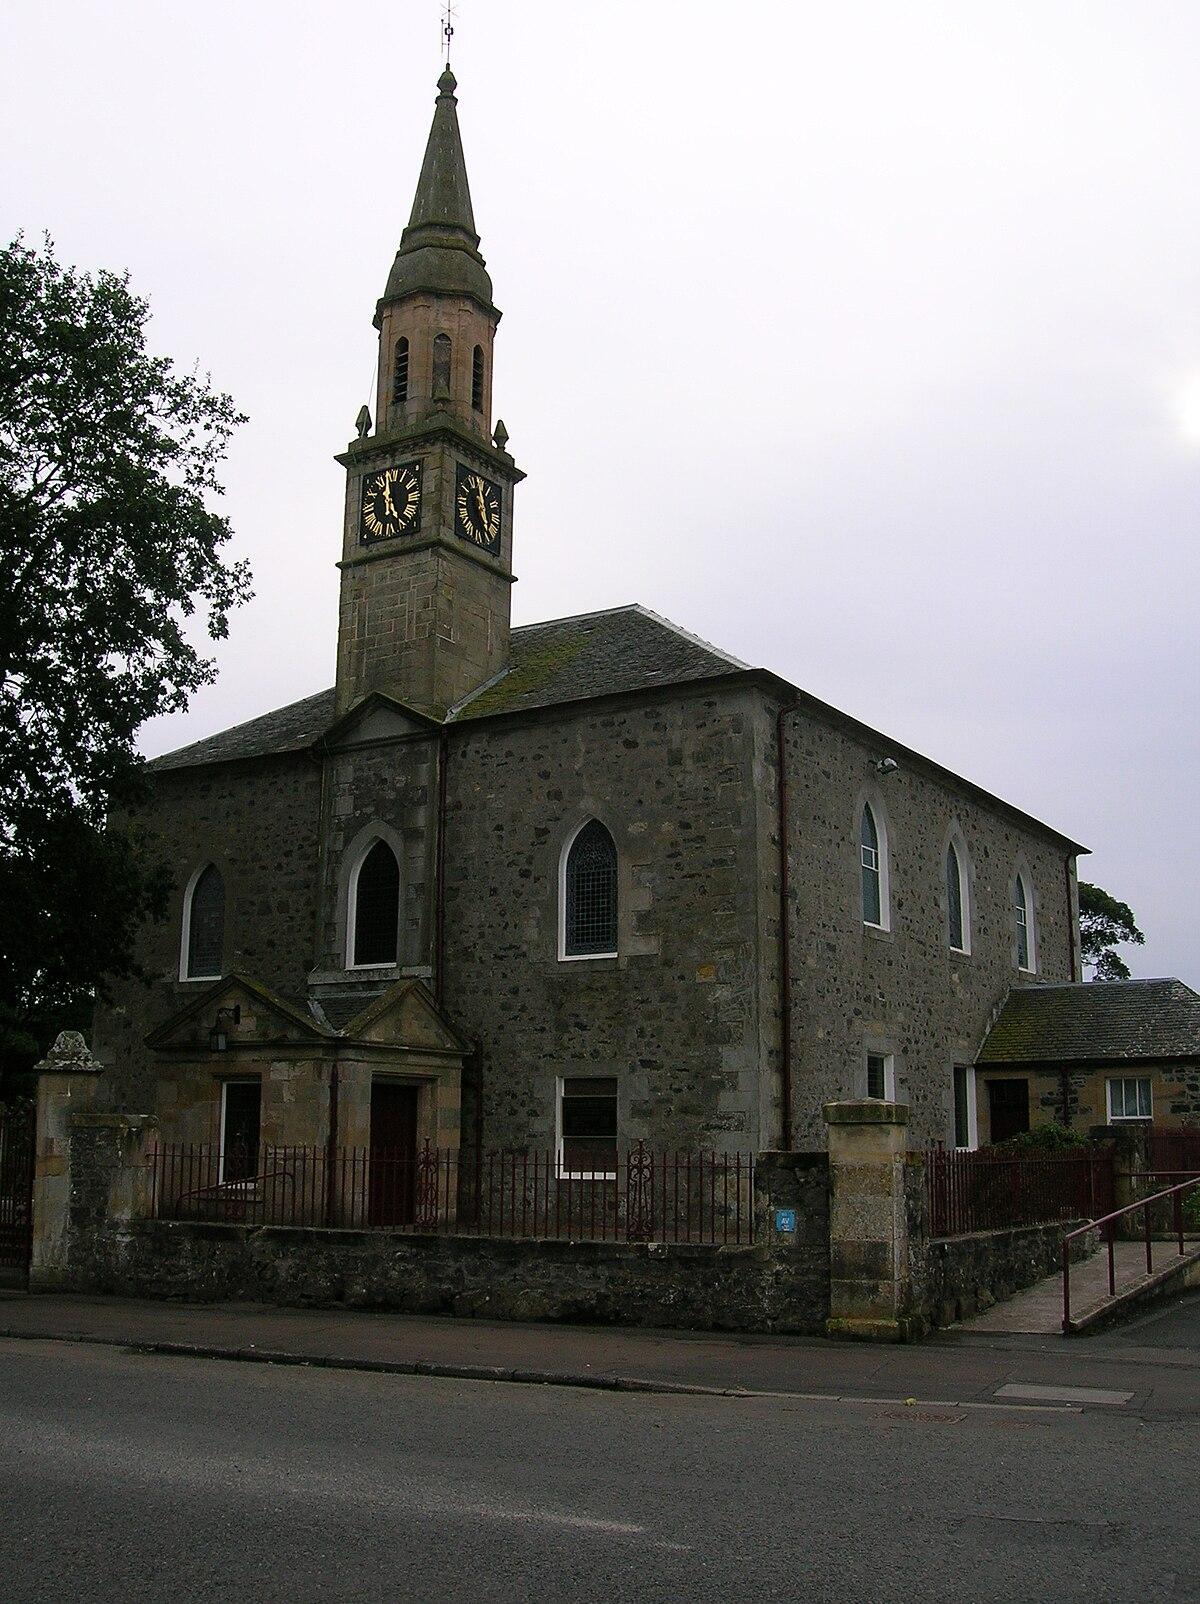 Straiton Church